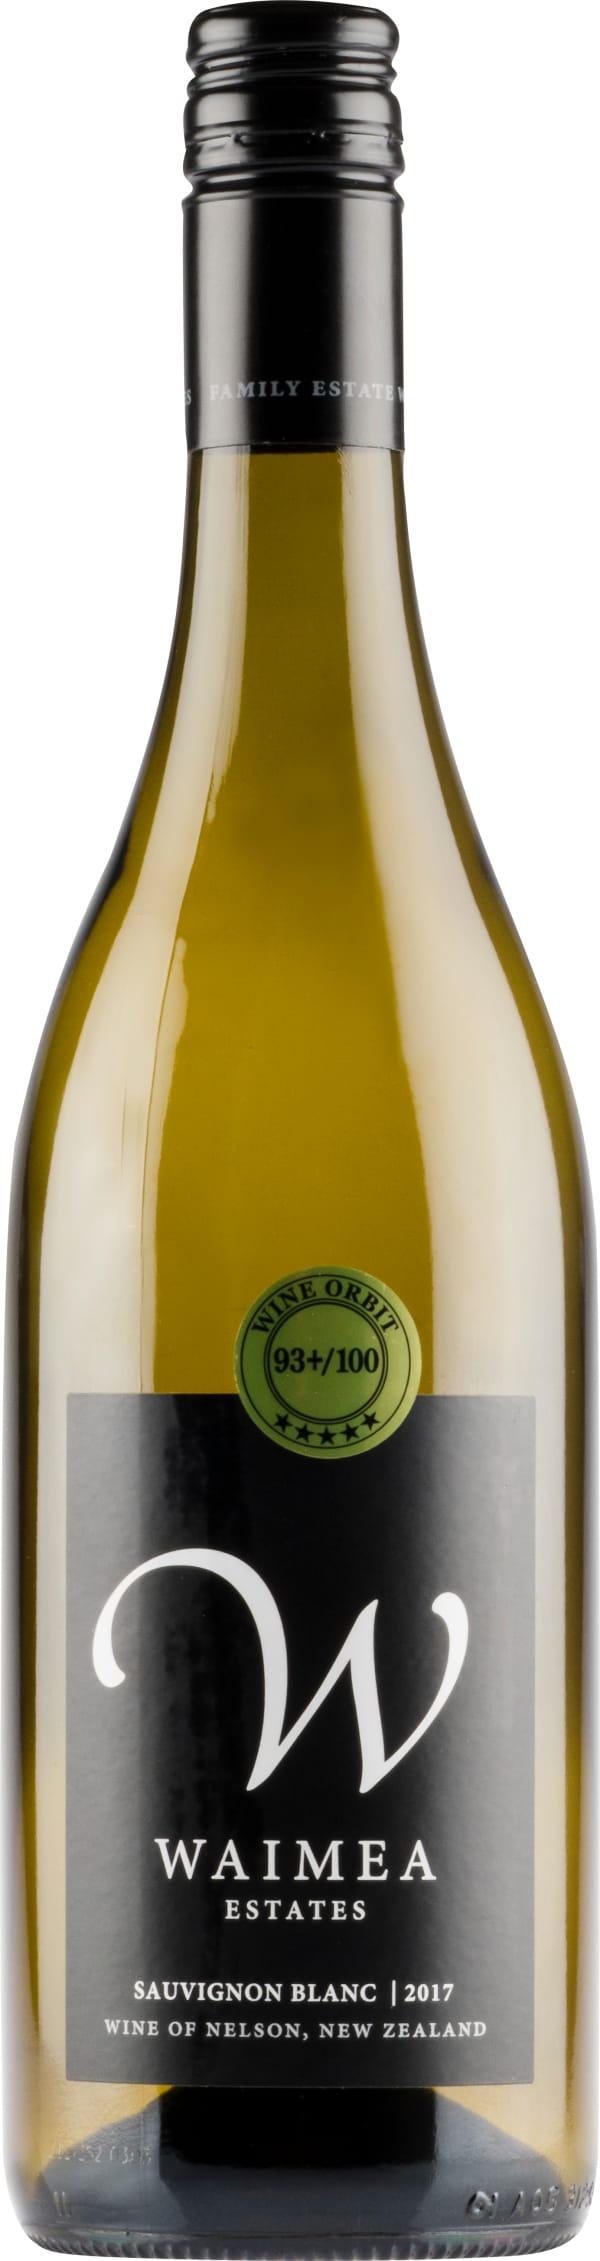 Waimea Sauvignon Blanc 2018